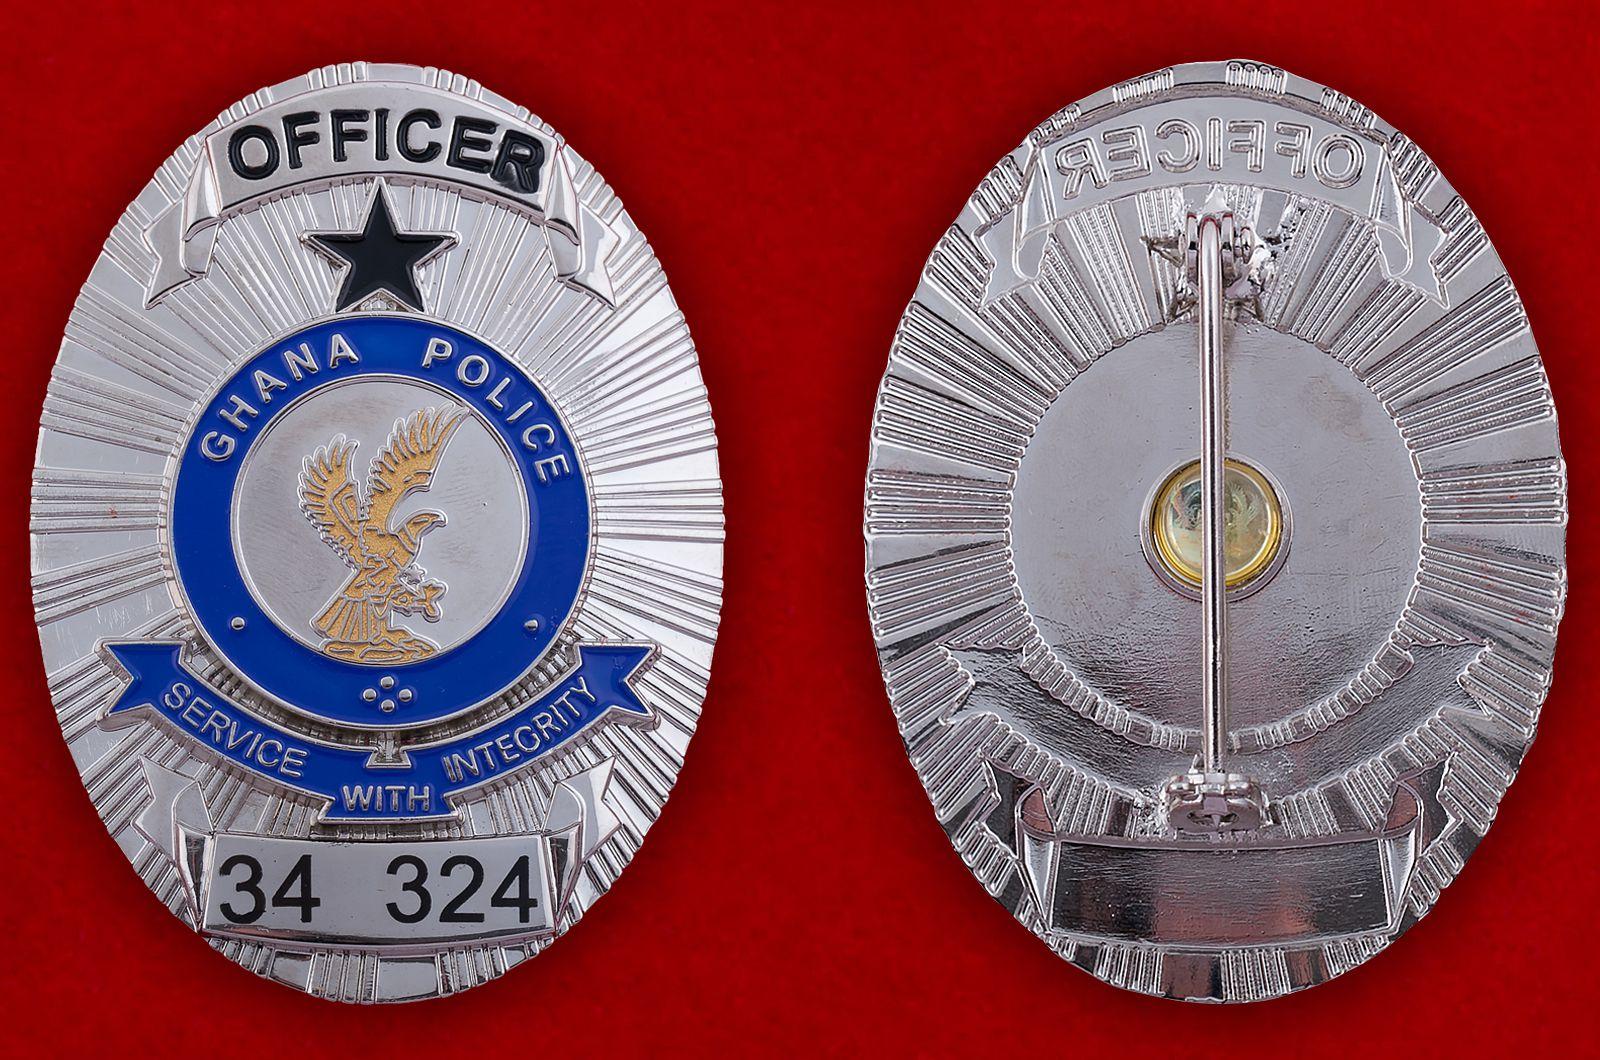 Значок офицера полиции Ганы (34 324)